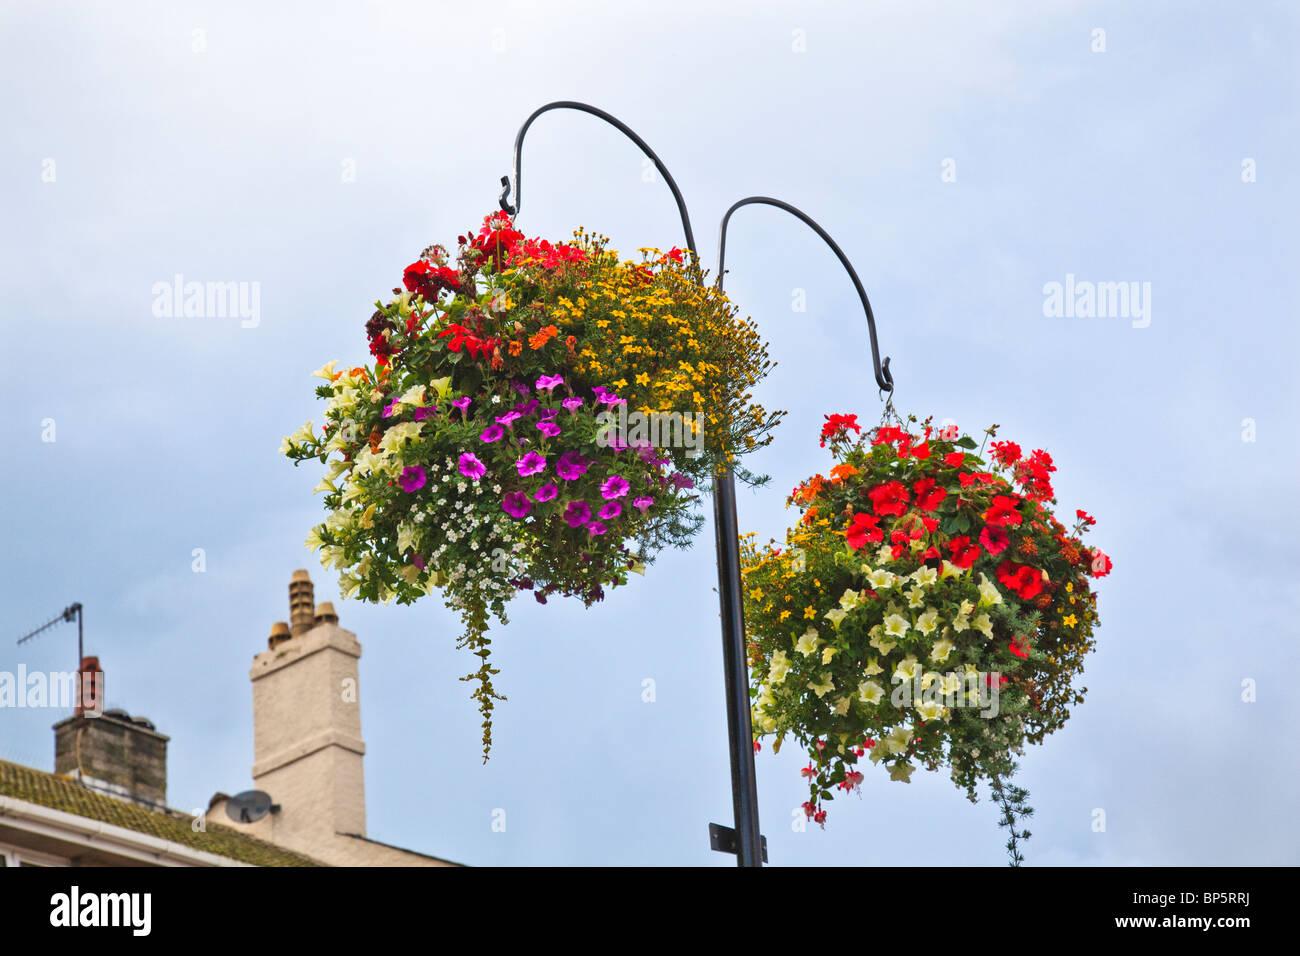 Flowering Hanging Baskets - Stock Image